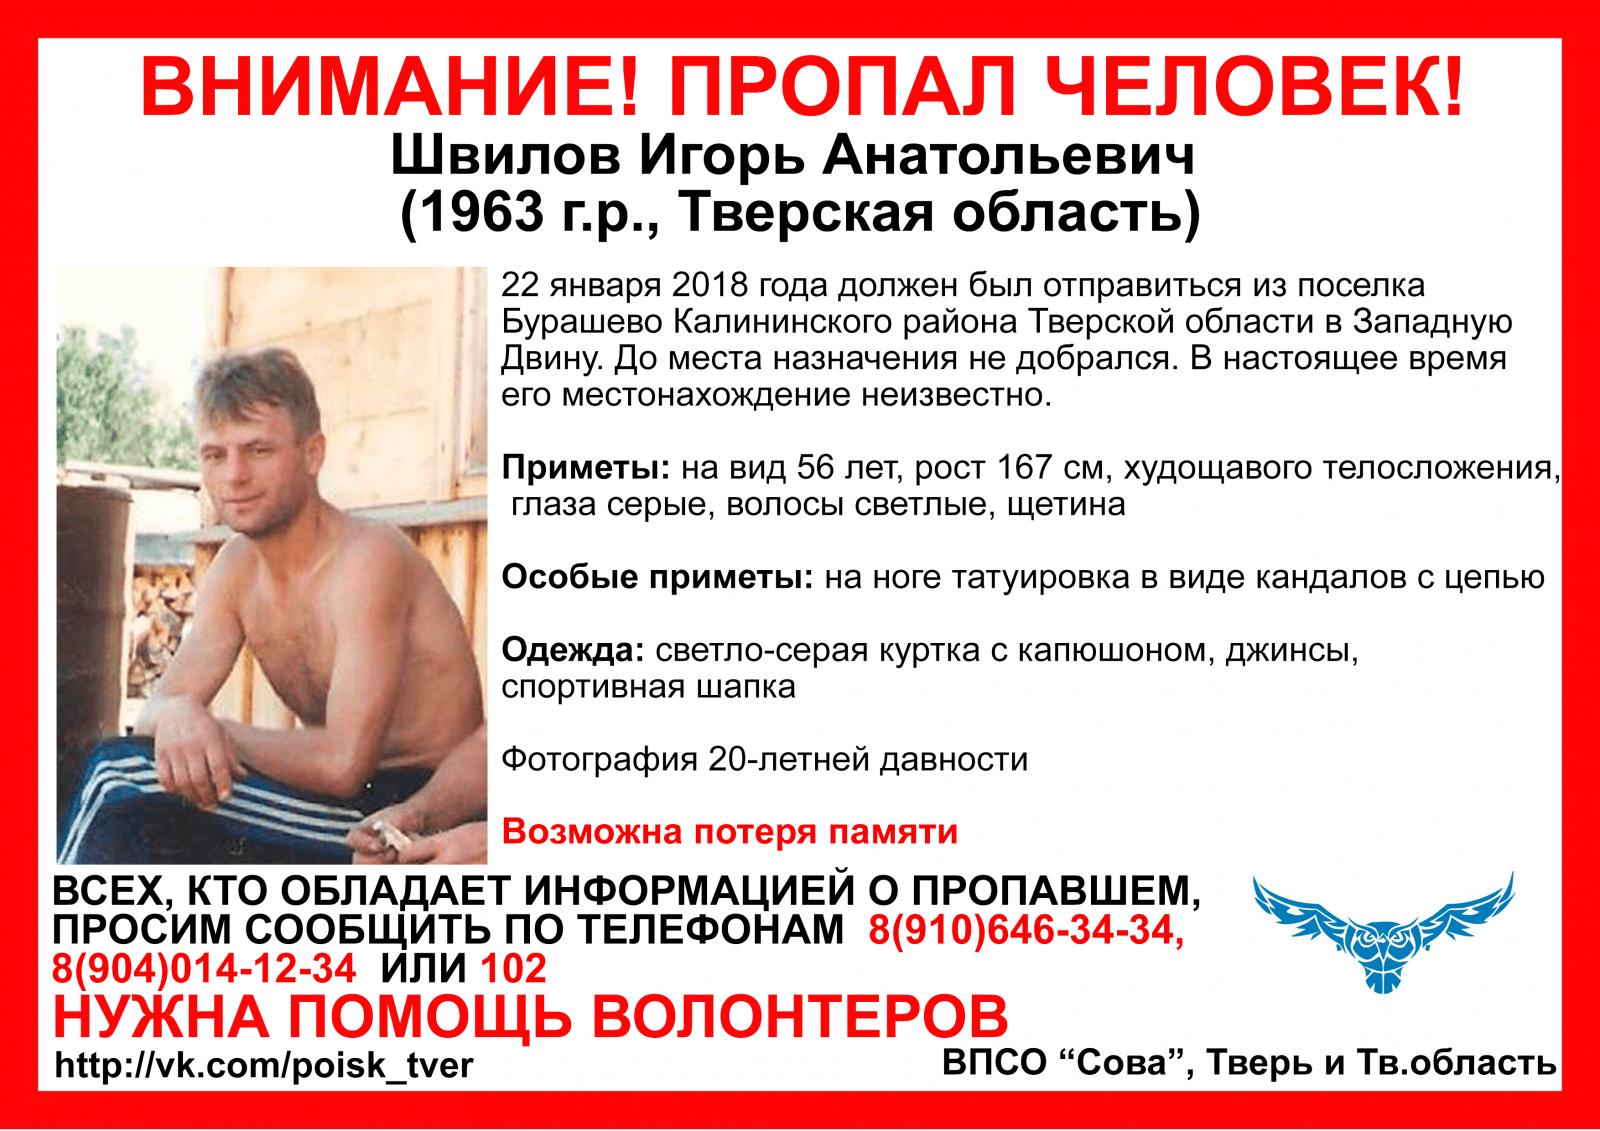 Пропал Швилов Игорь Анатольевич (1963 г.р.)